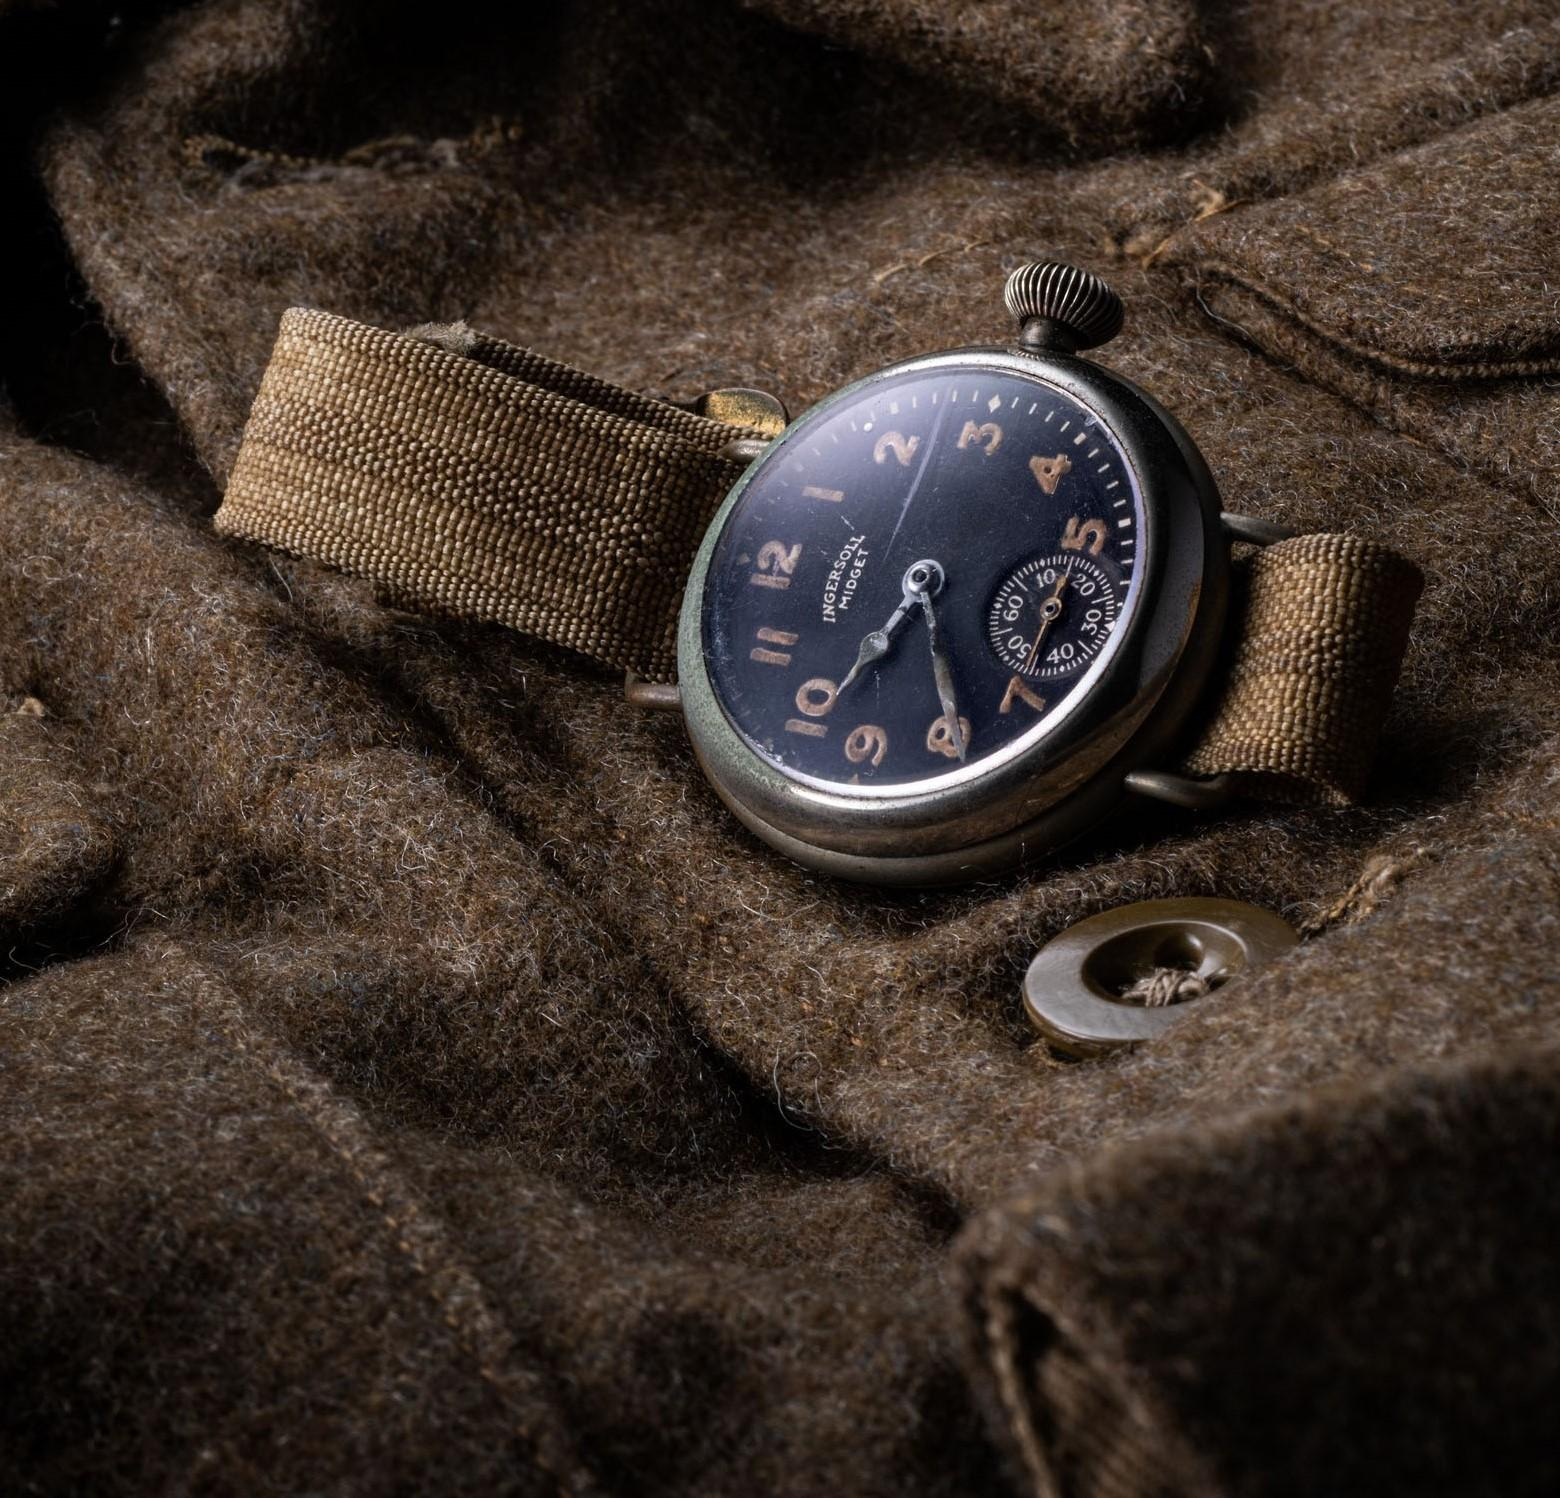 タイメックス・クロニクル - タイメックスと時が紡いだアメリカ物語 / 腕時計の普及に貢献した 20世紀初頭の軍用腕時計